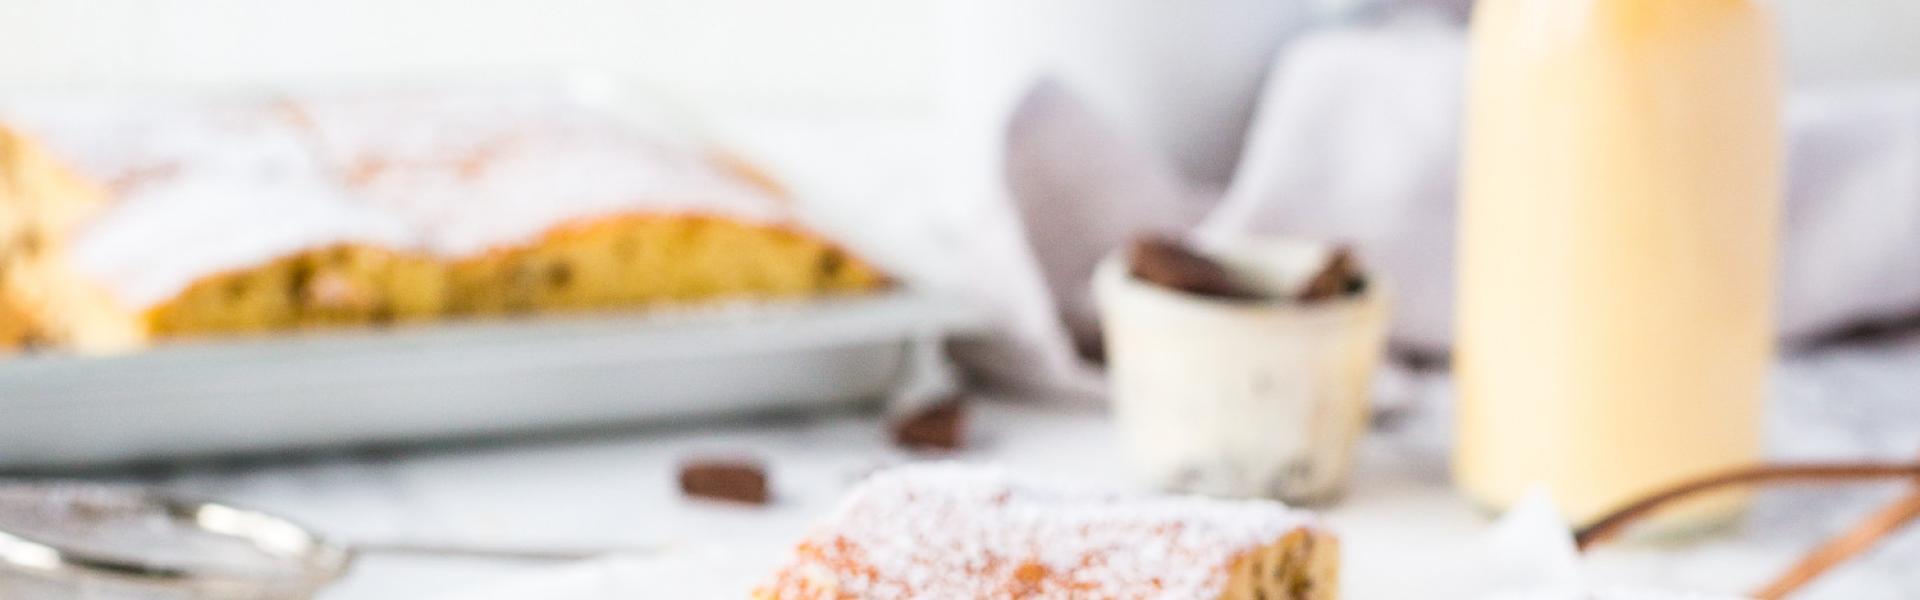 Eierlikörkuchen vom Blech in Stücke geschnitten auf weißer Marmorplatte